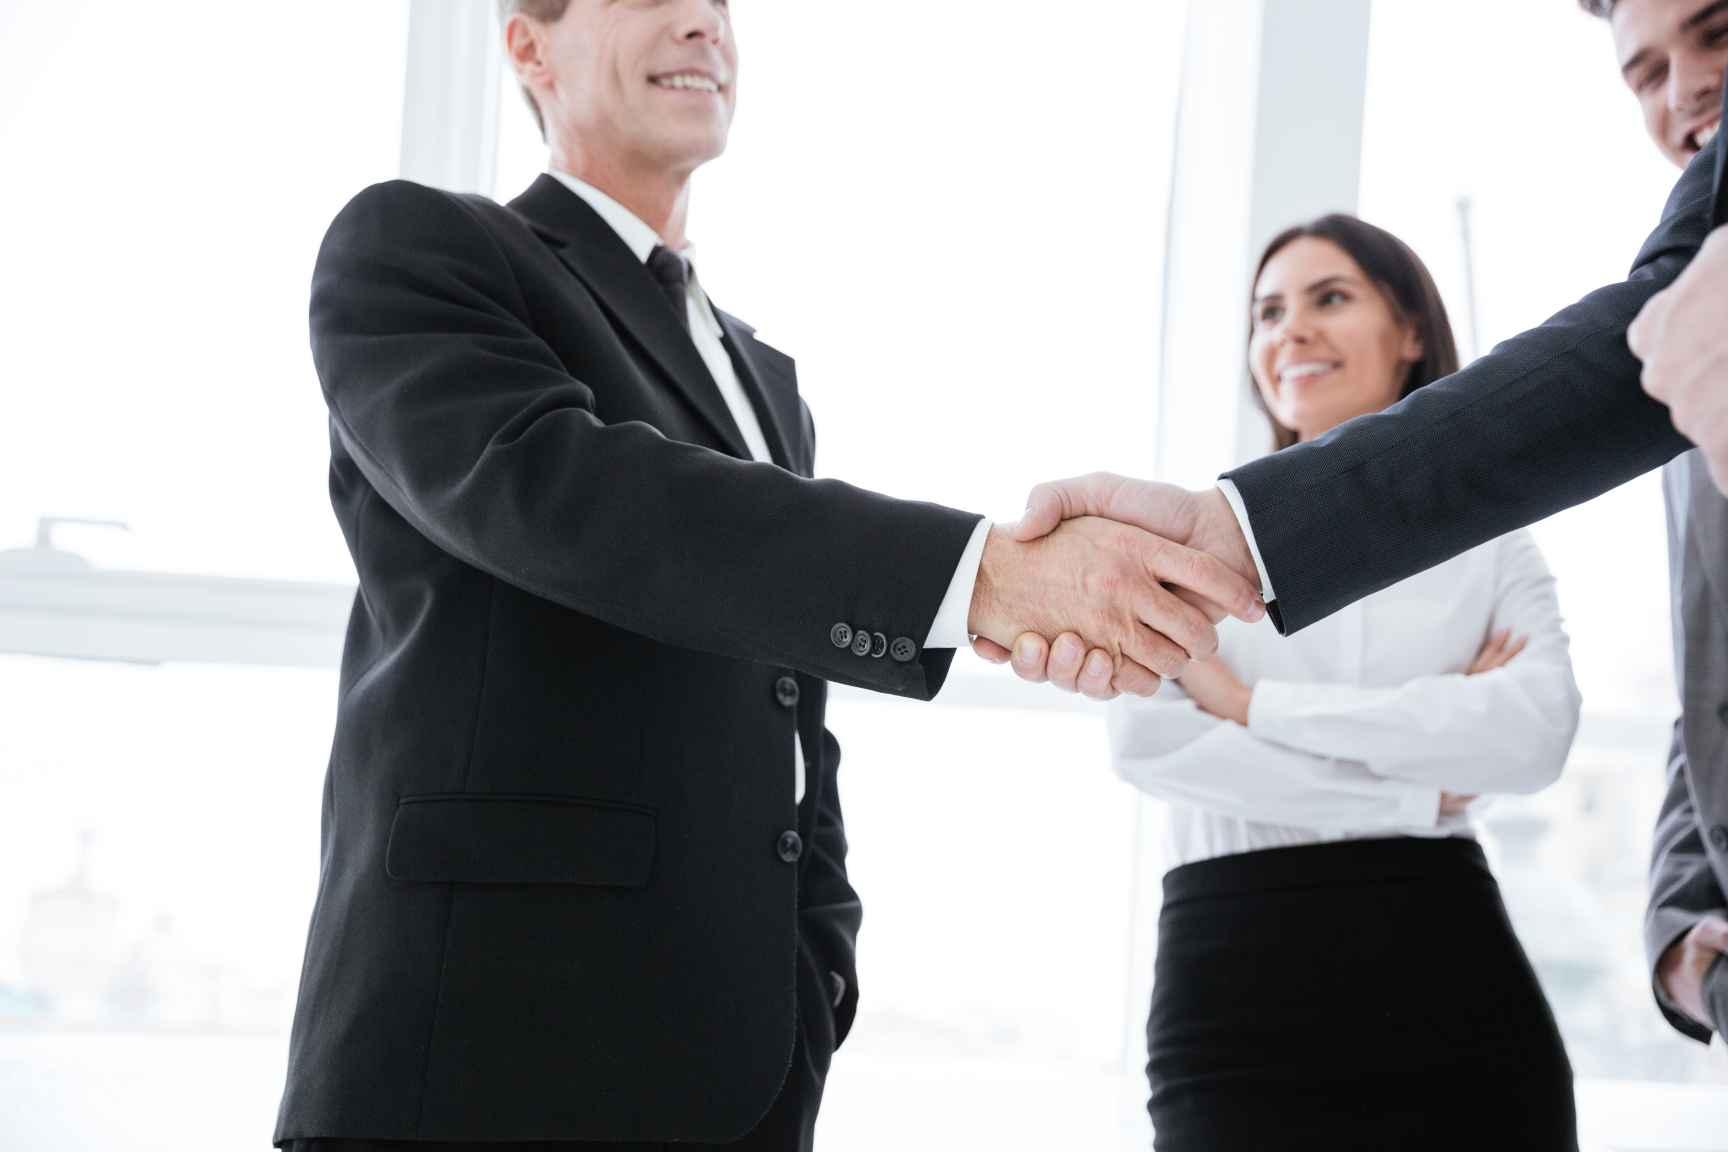 uścisk dłoni i zawarcie umowy